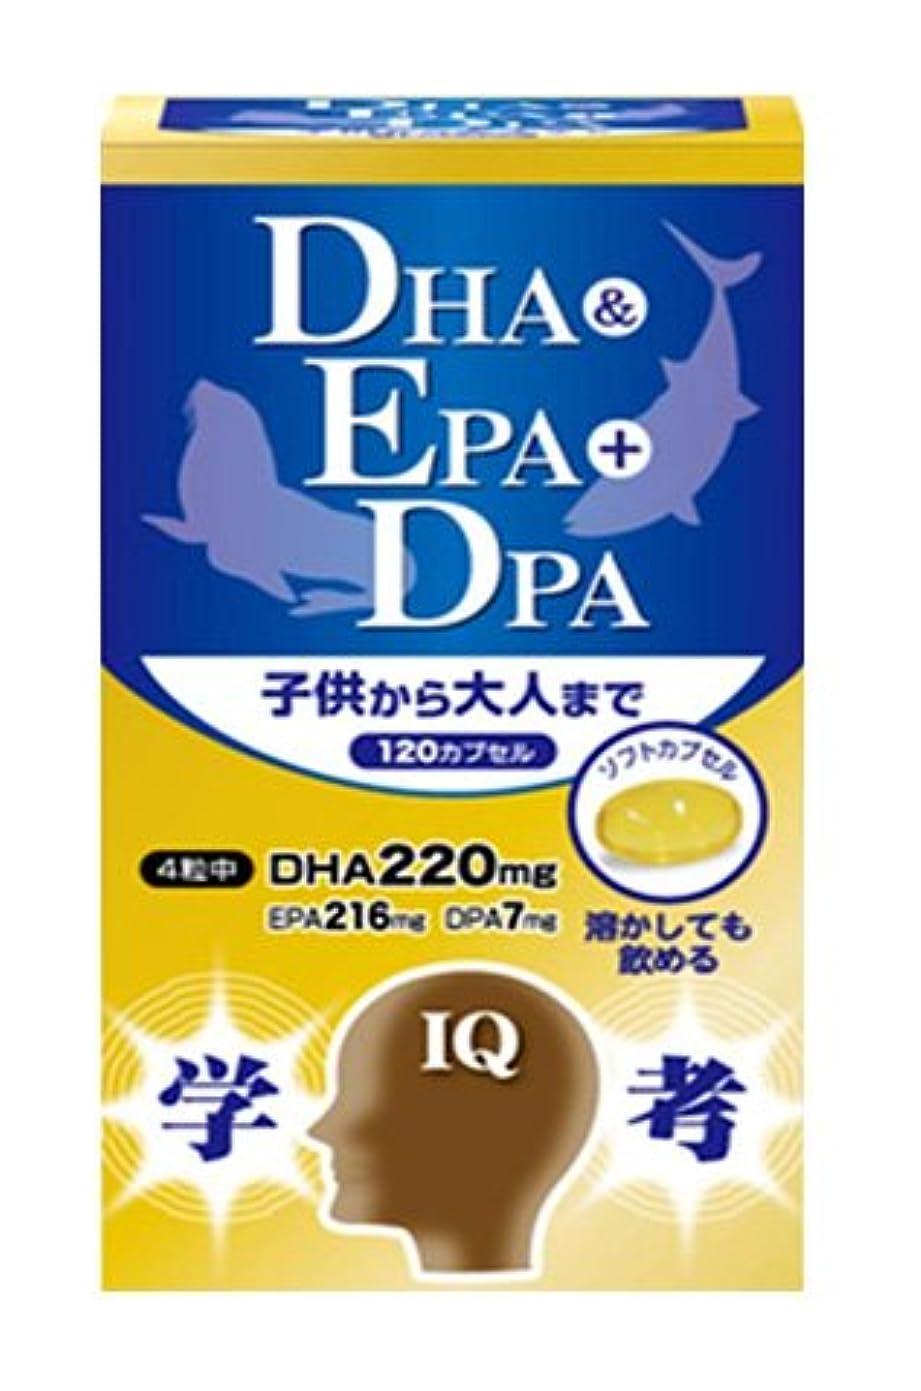 トランザクション容量謝る三供堂漢方 DHA&EPA+DPA 290mg×120粒×5個セット